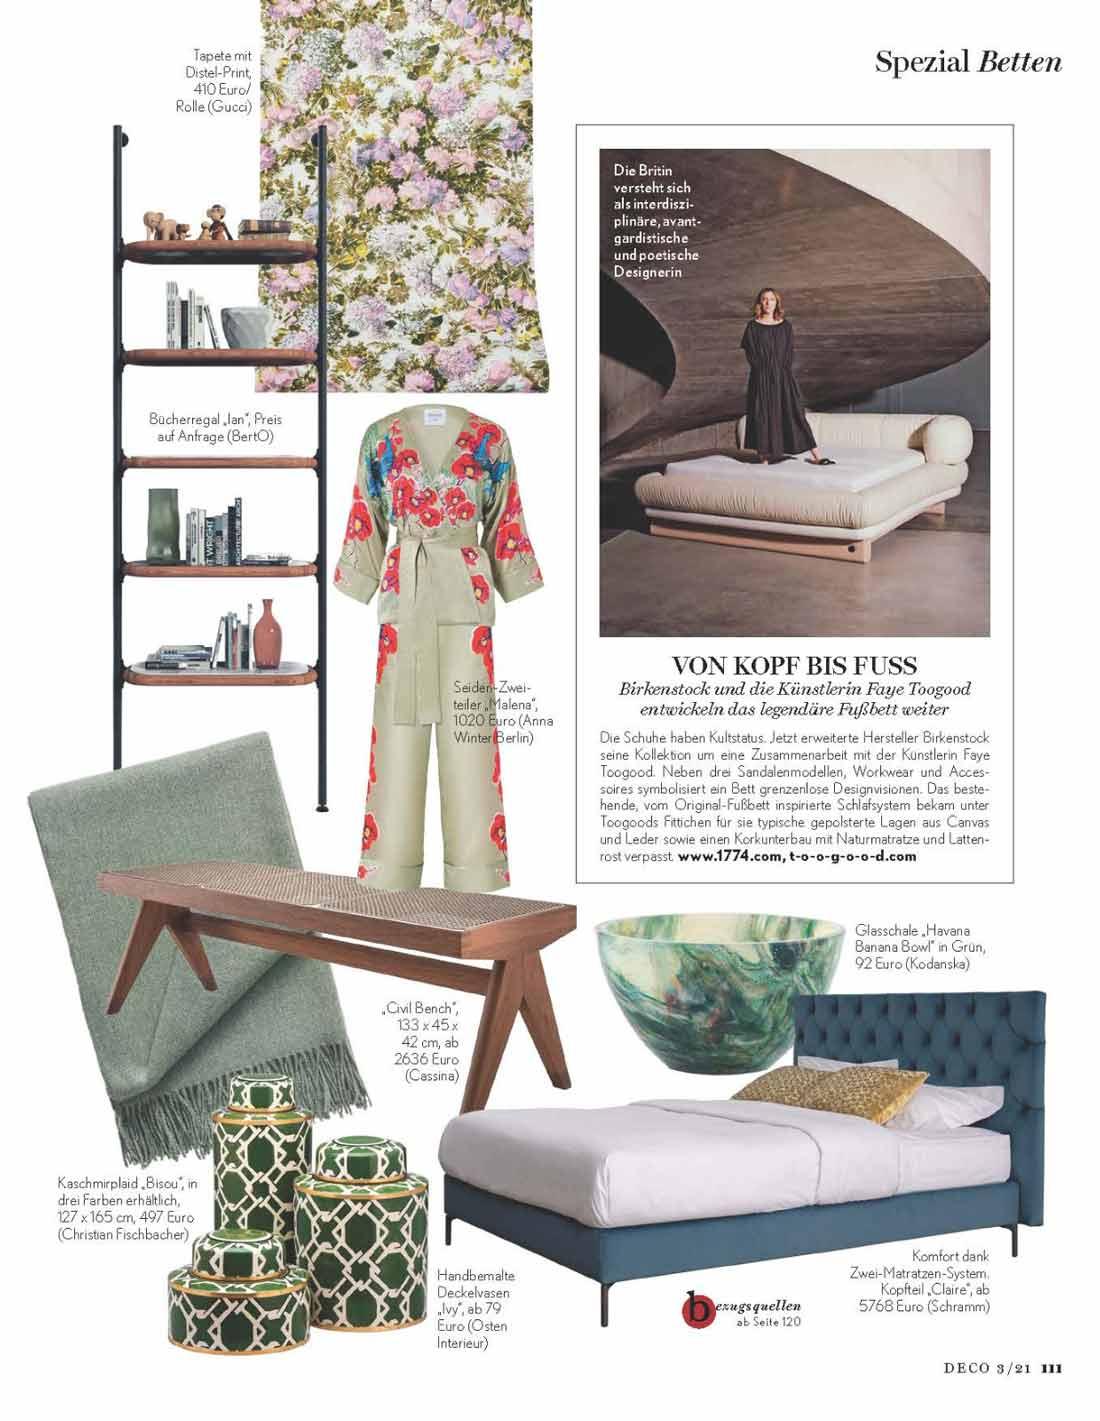 The Ian bookcase in the interior design magazine DECO home